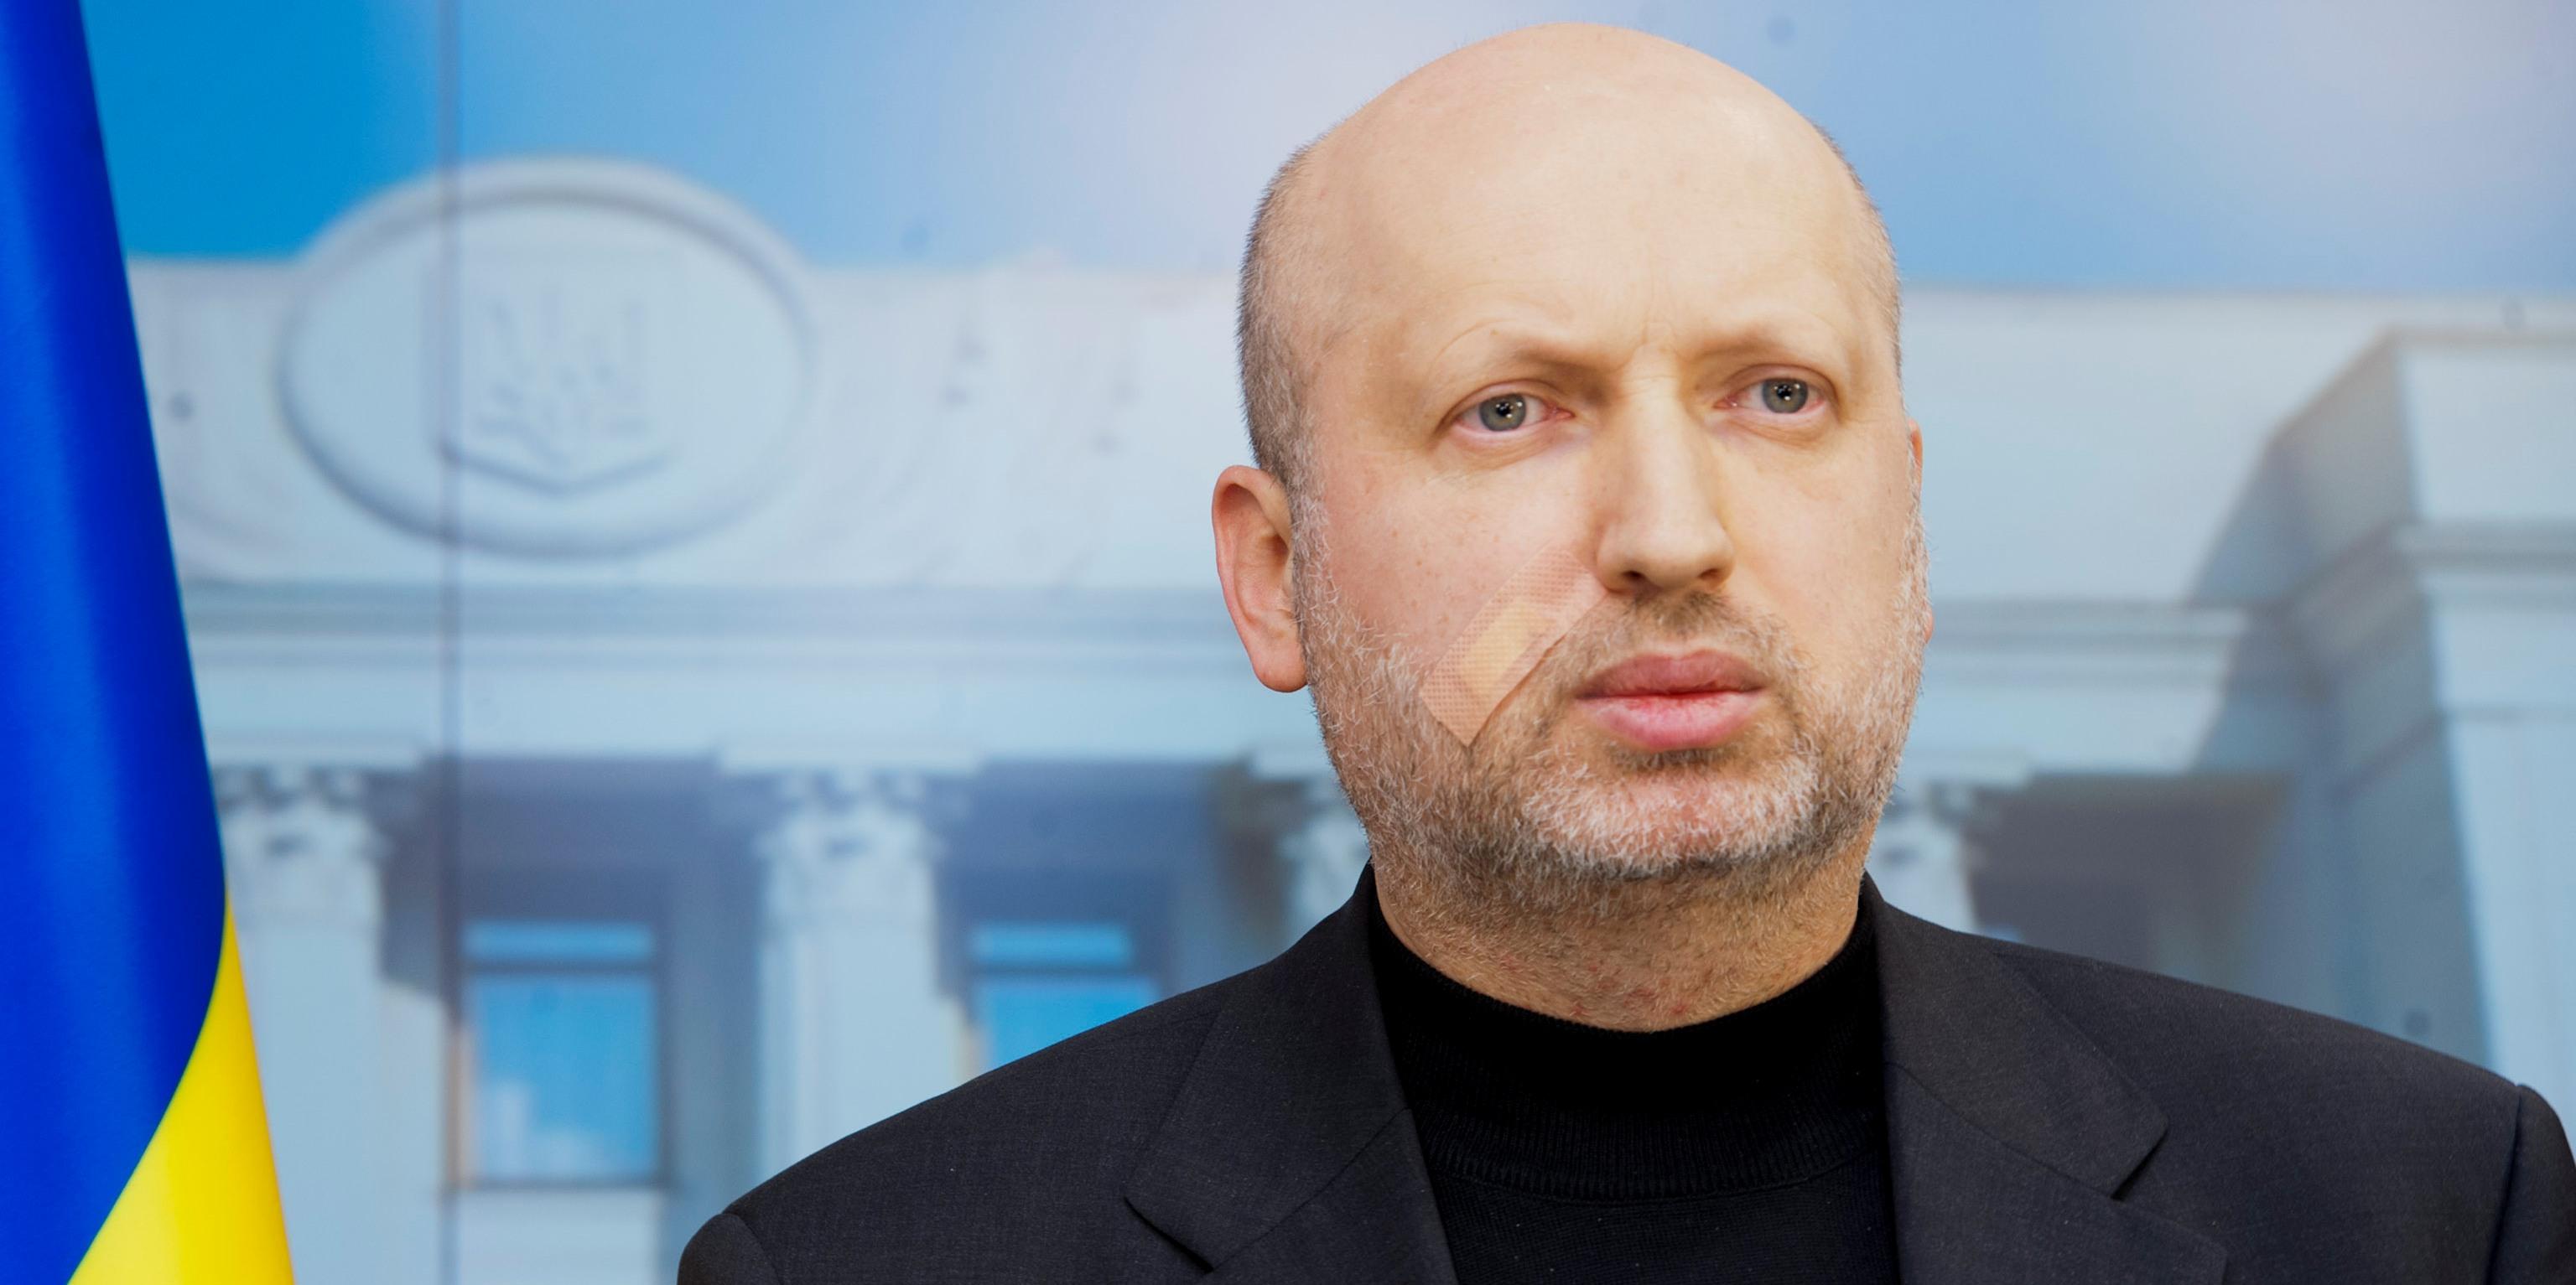 Россия официально получит статус оккупанта за войну против Украины: Турчинов рассекретил подробности закона о реинтеграции Донбасса